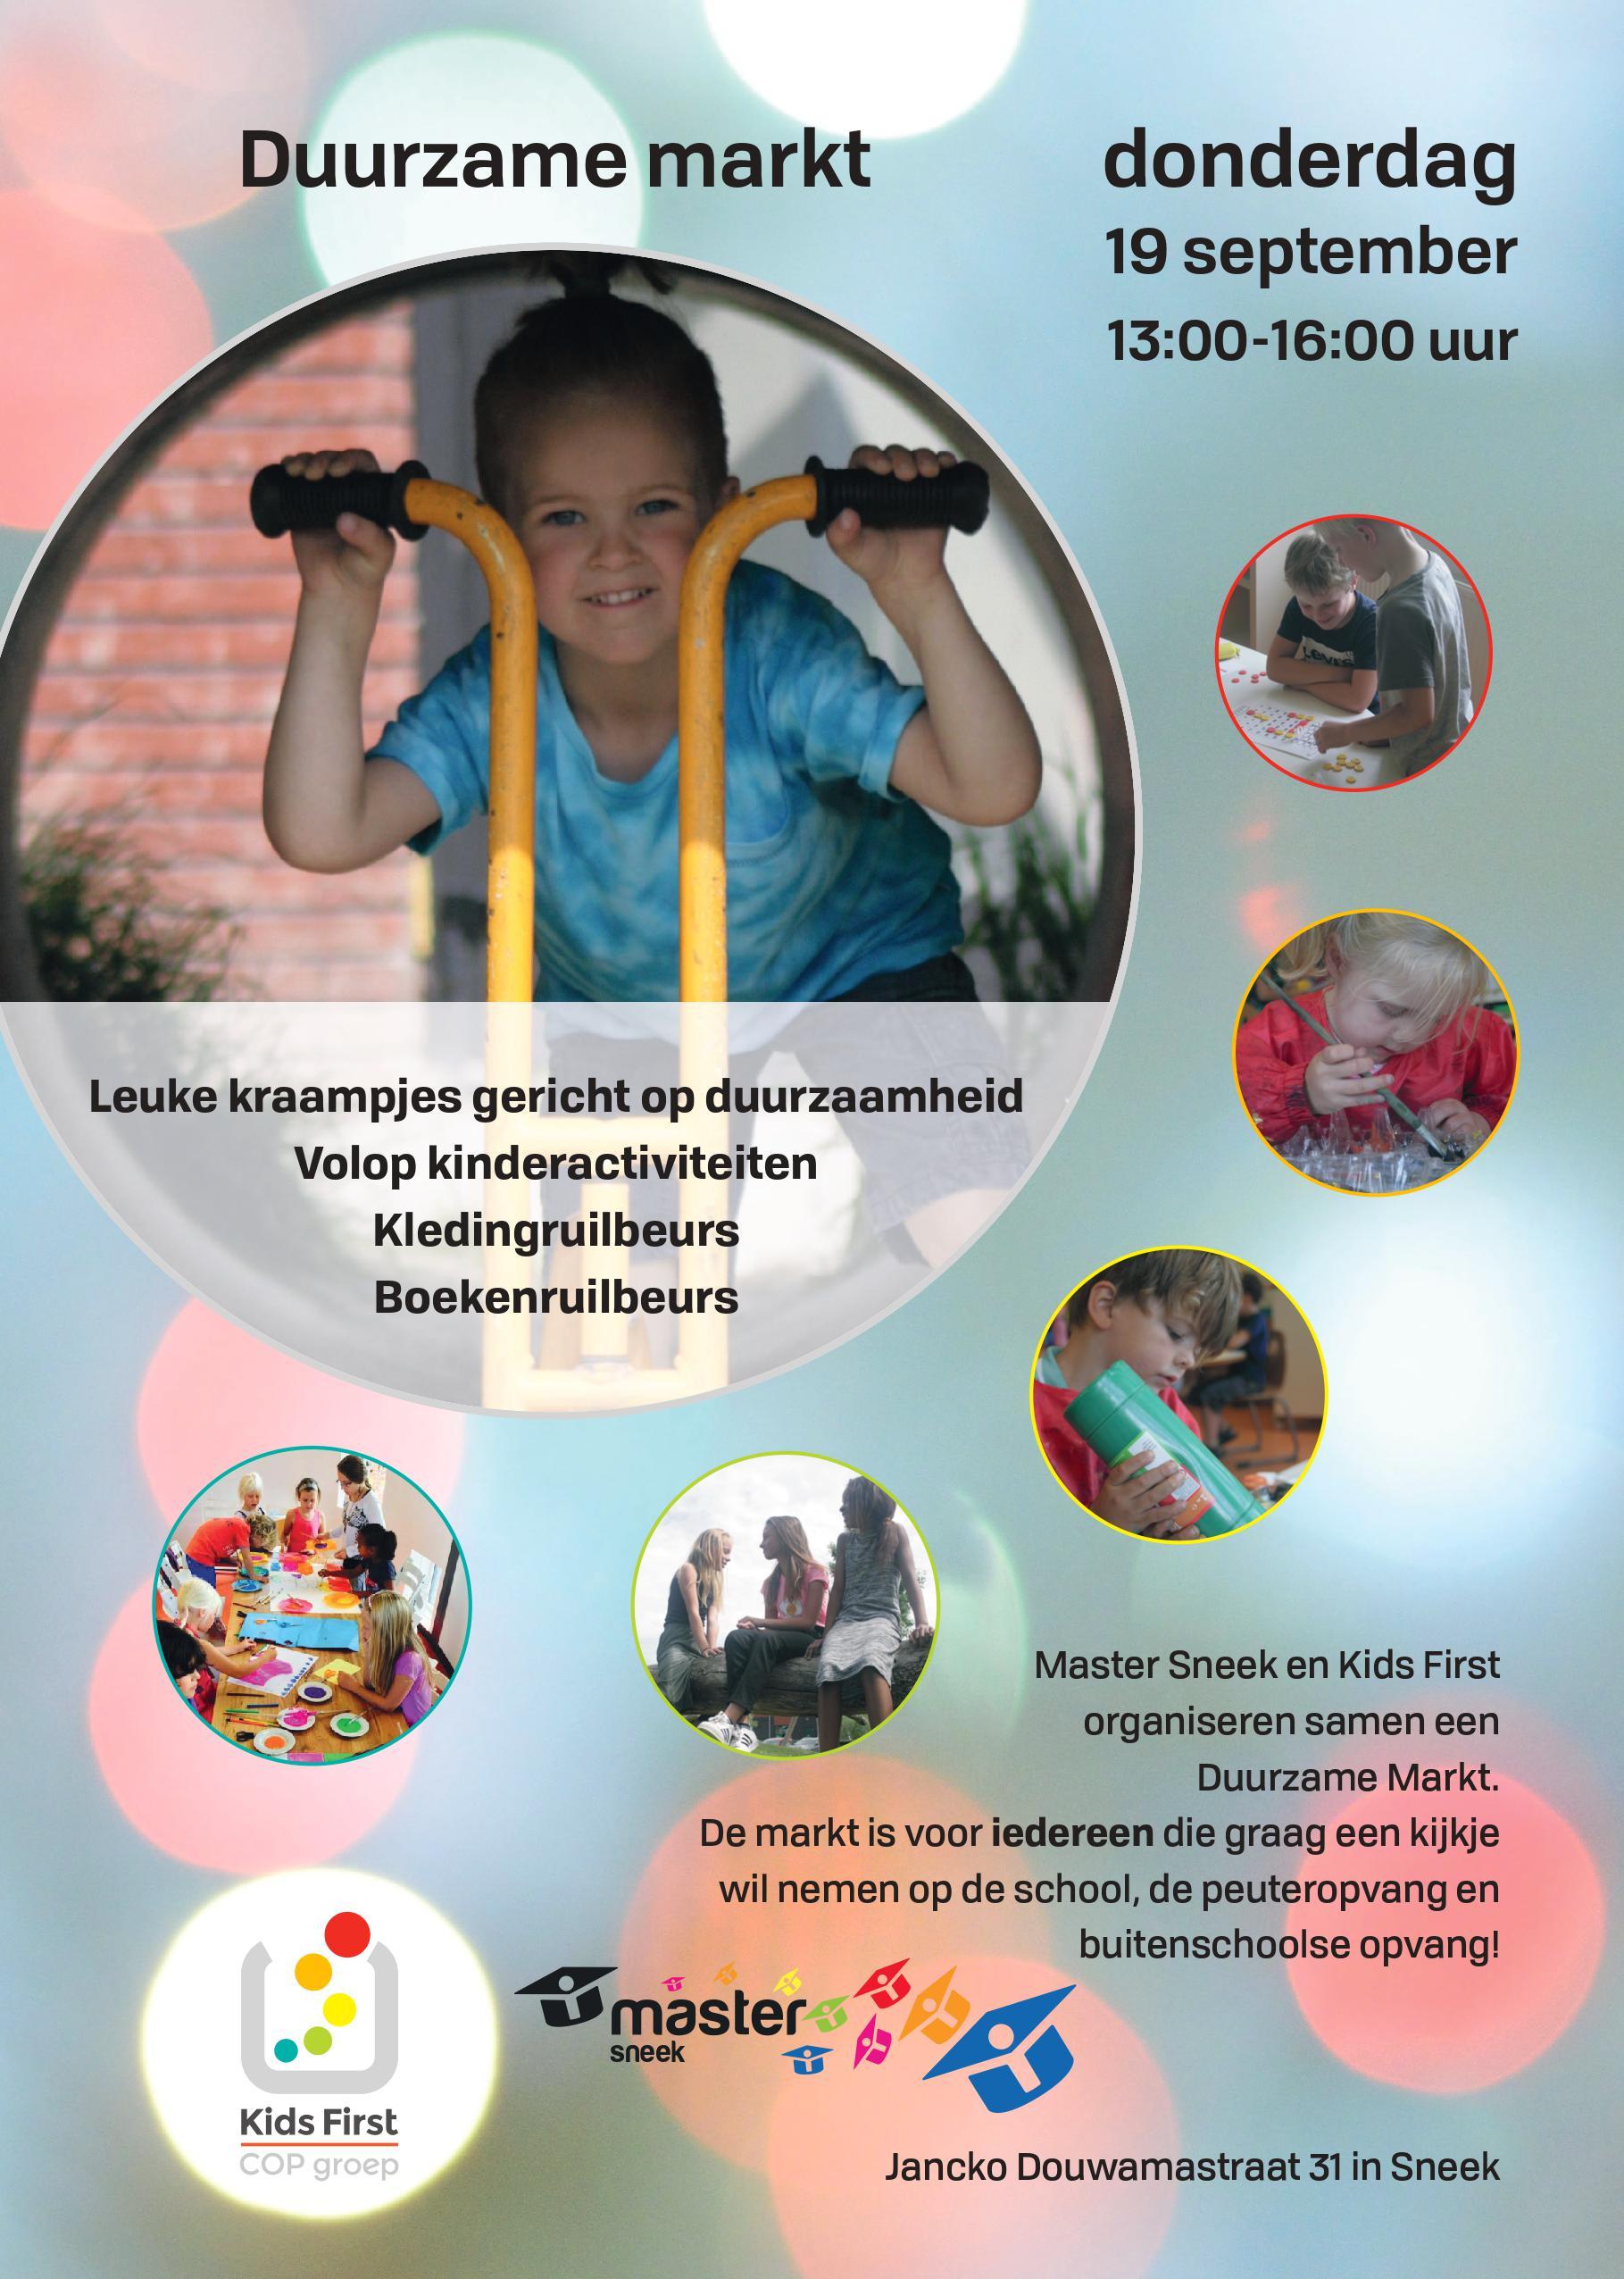 BSO Master Sneek - Duurzame markt - Kids First Friesland